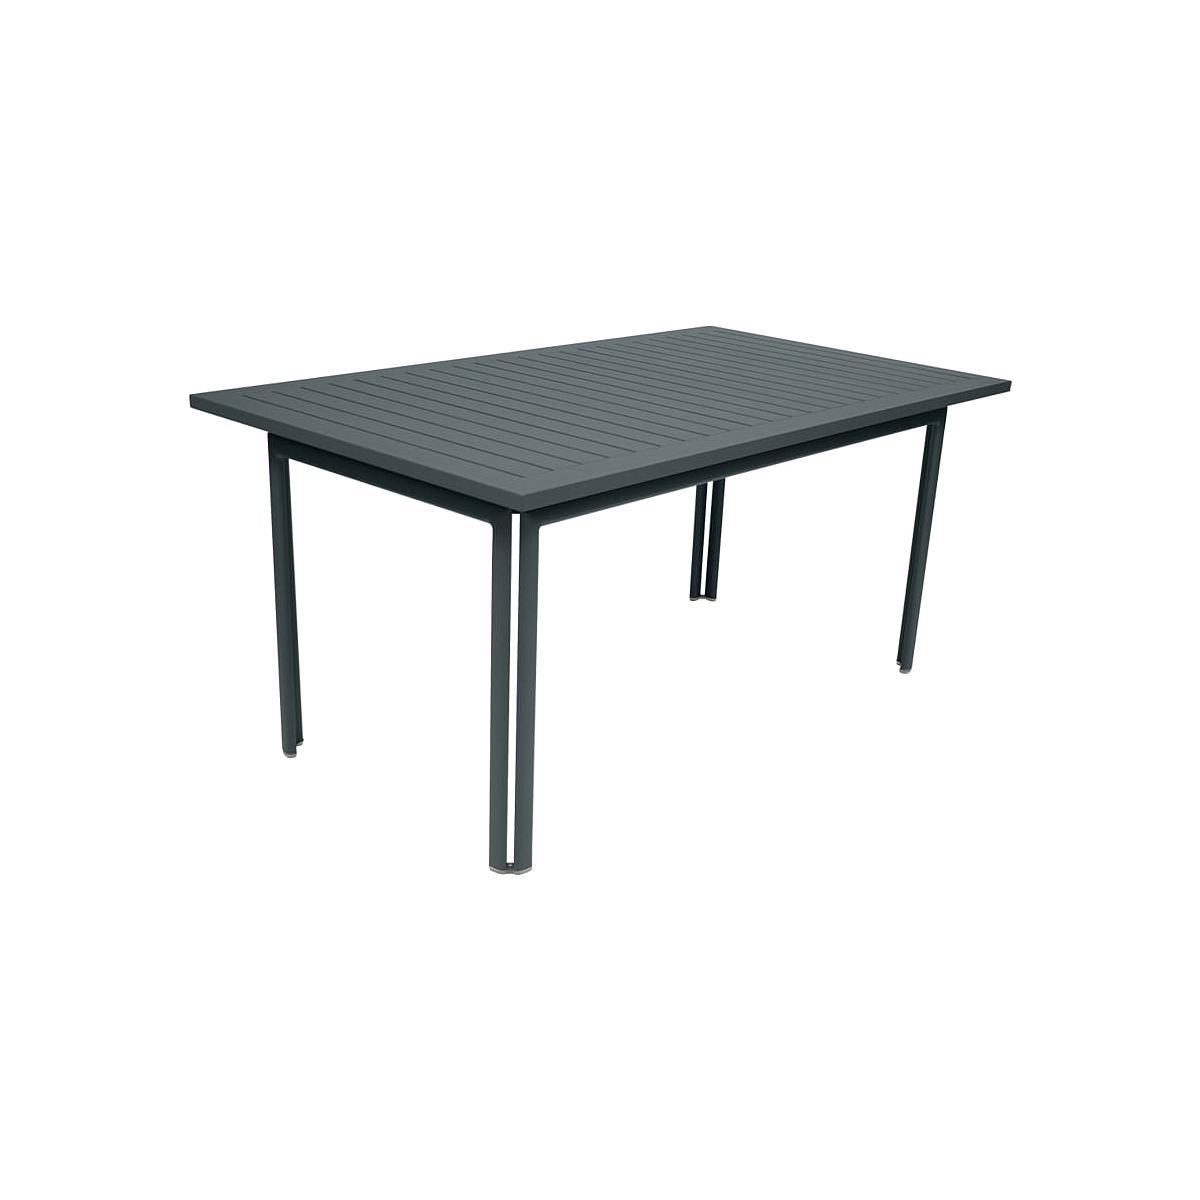 Table de jardin COSTA FERMOB 160x80cm Gris orage